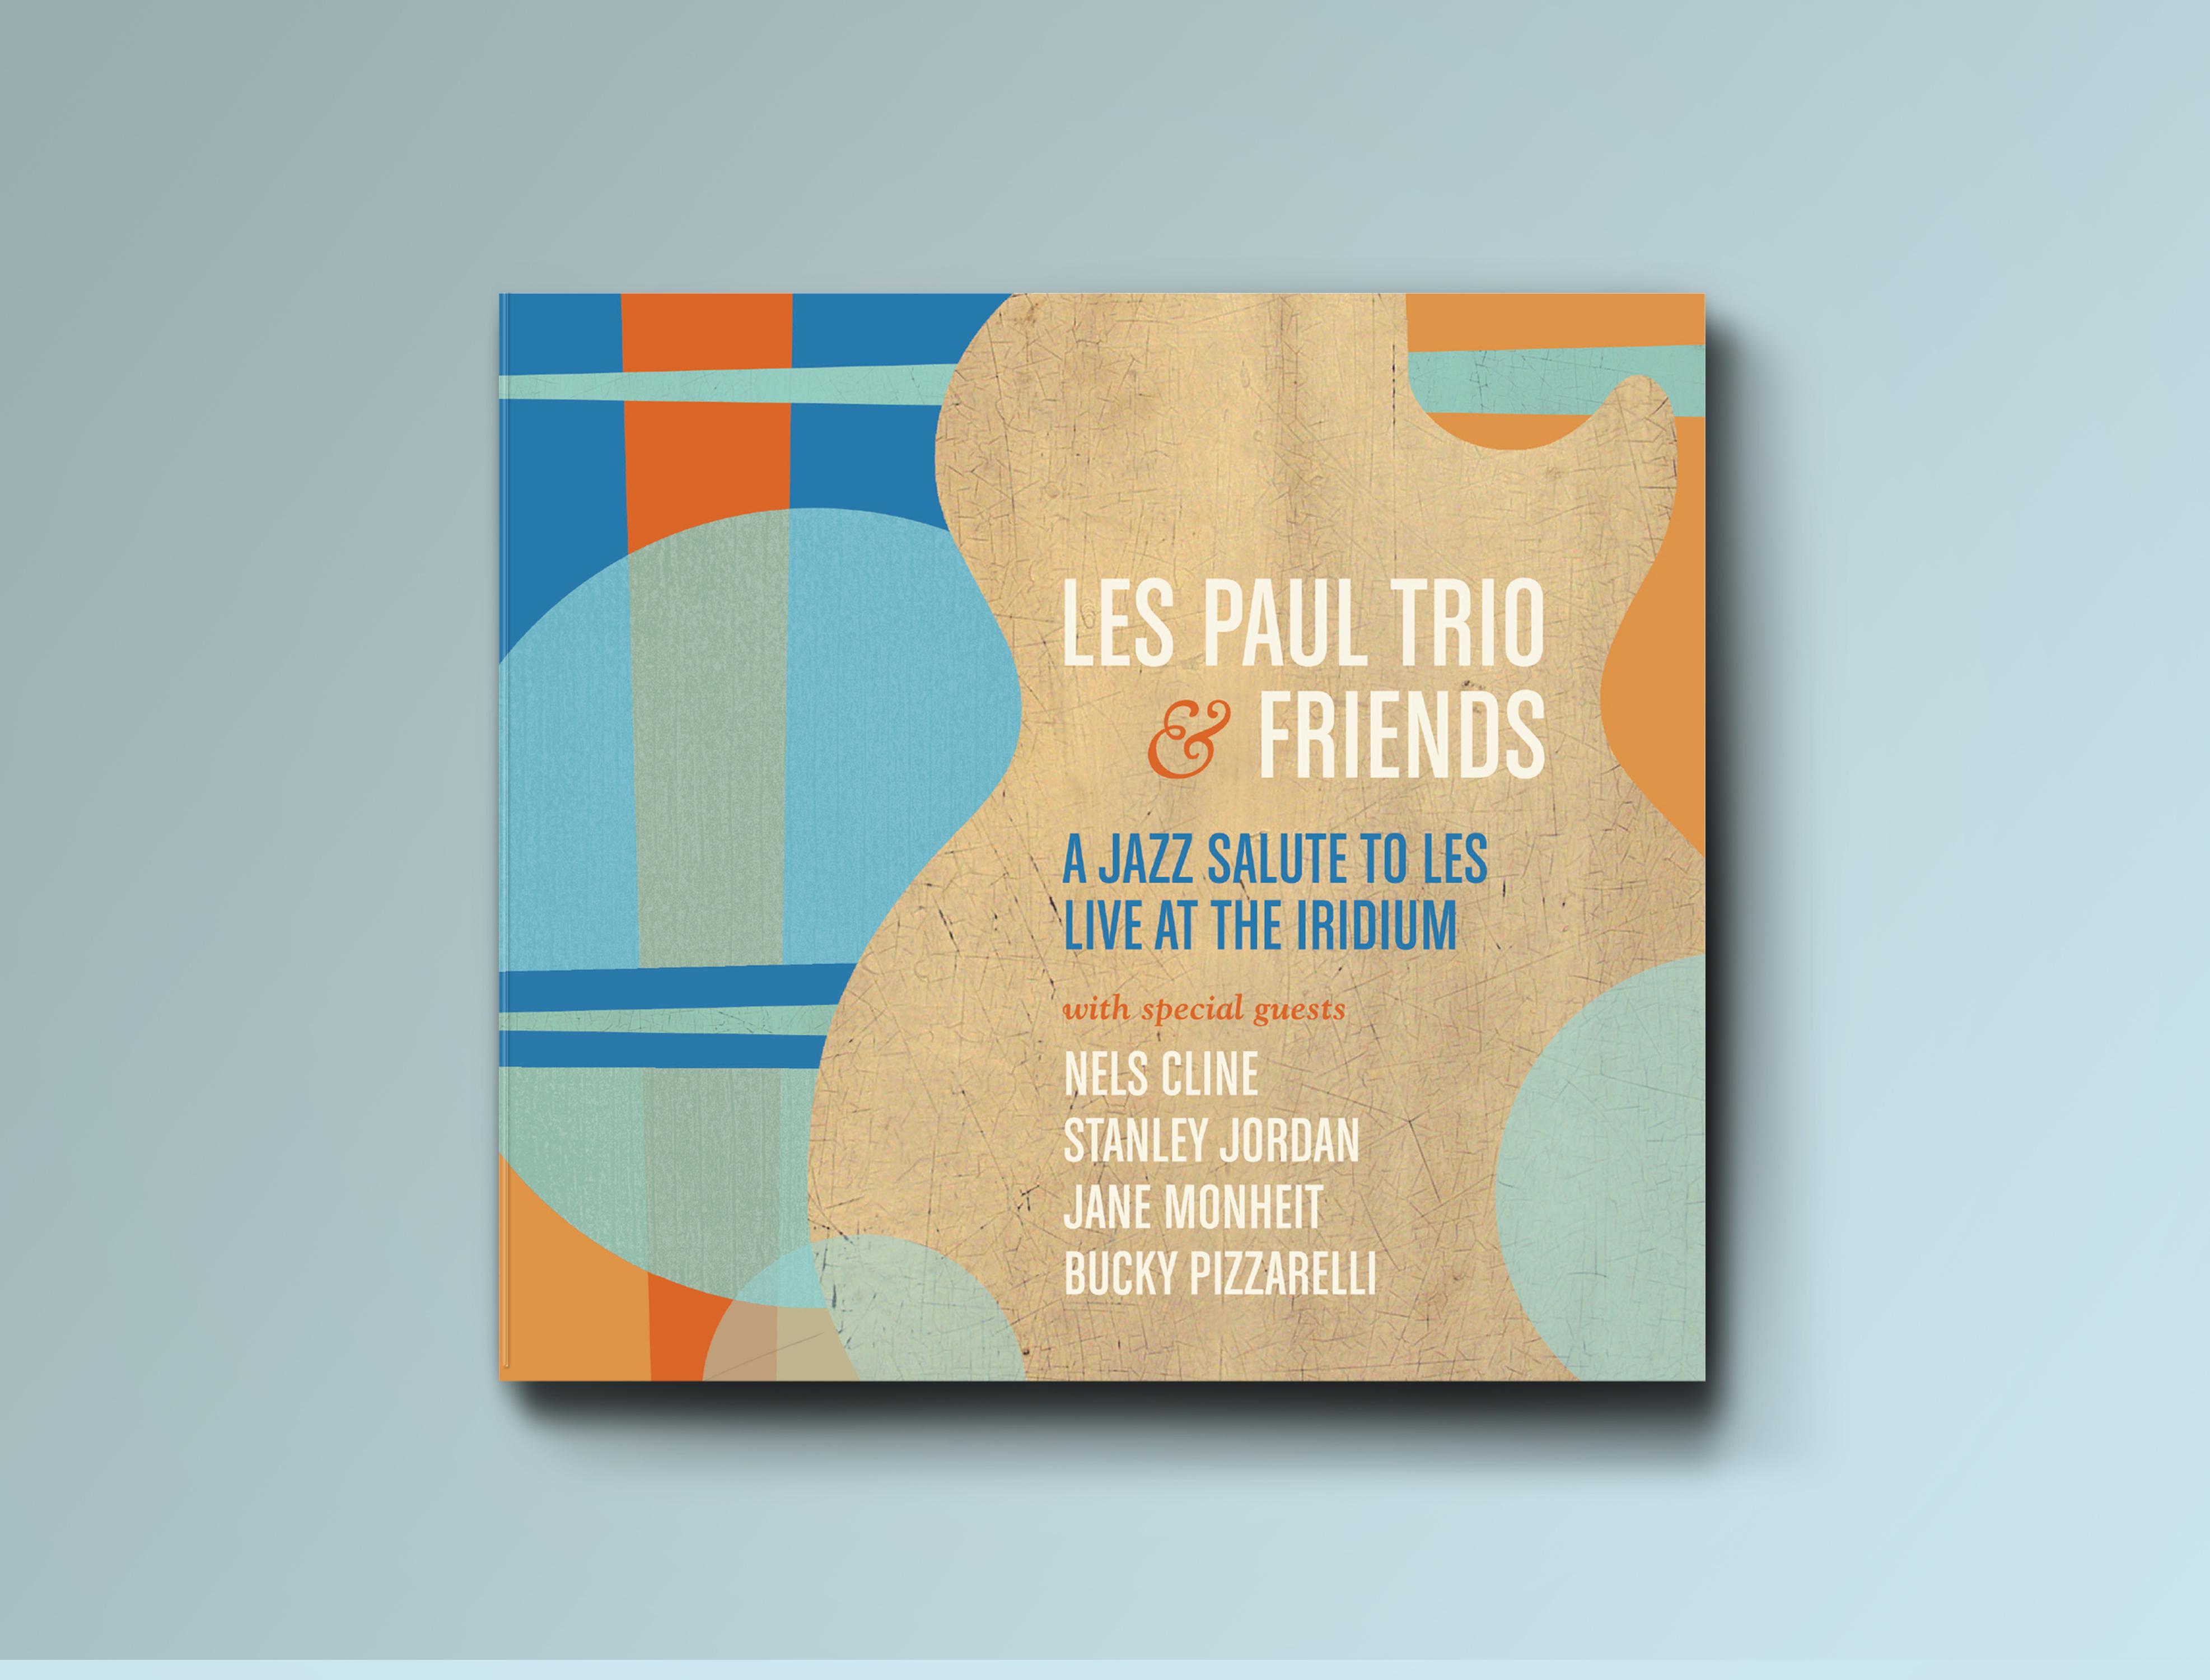 Les Paul Trio